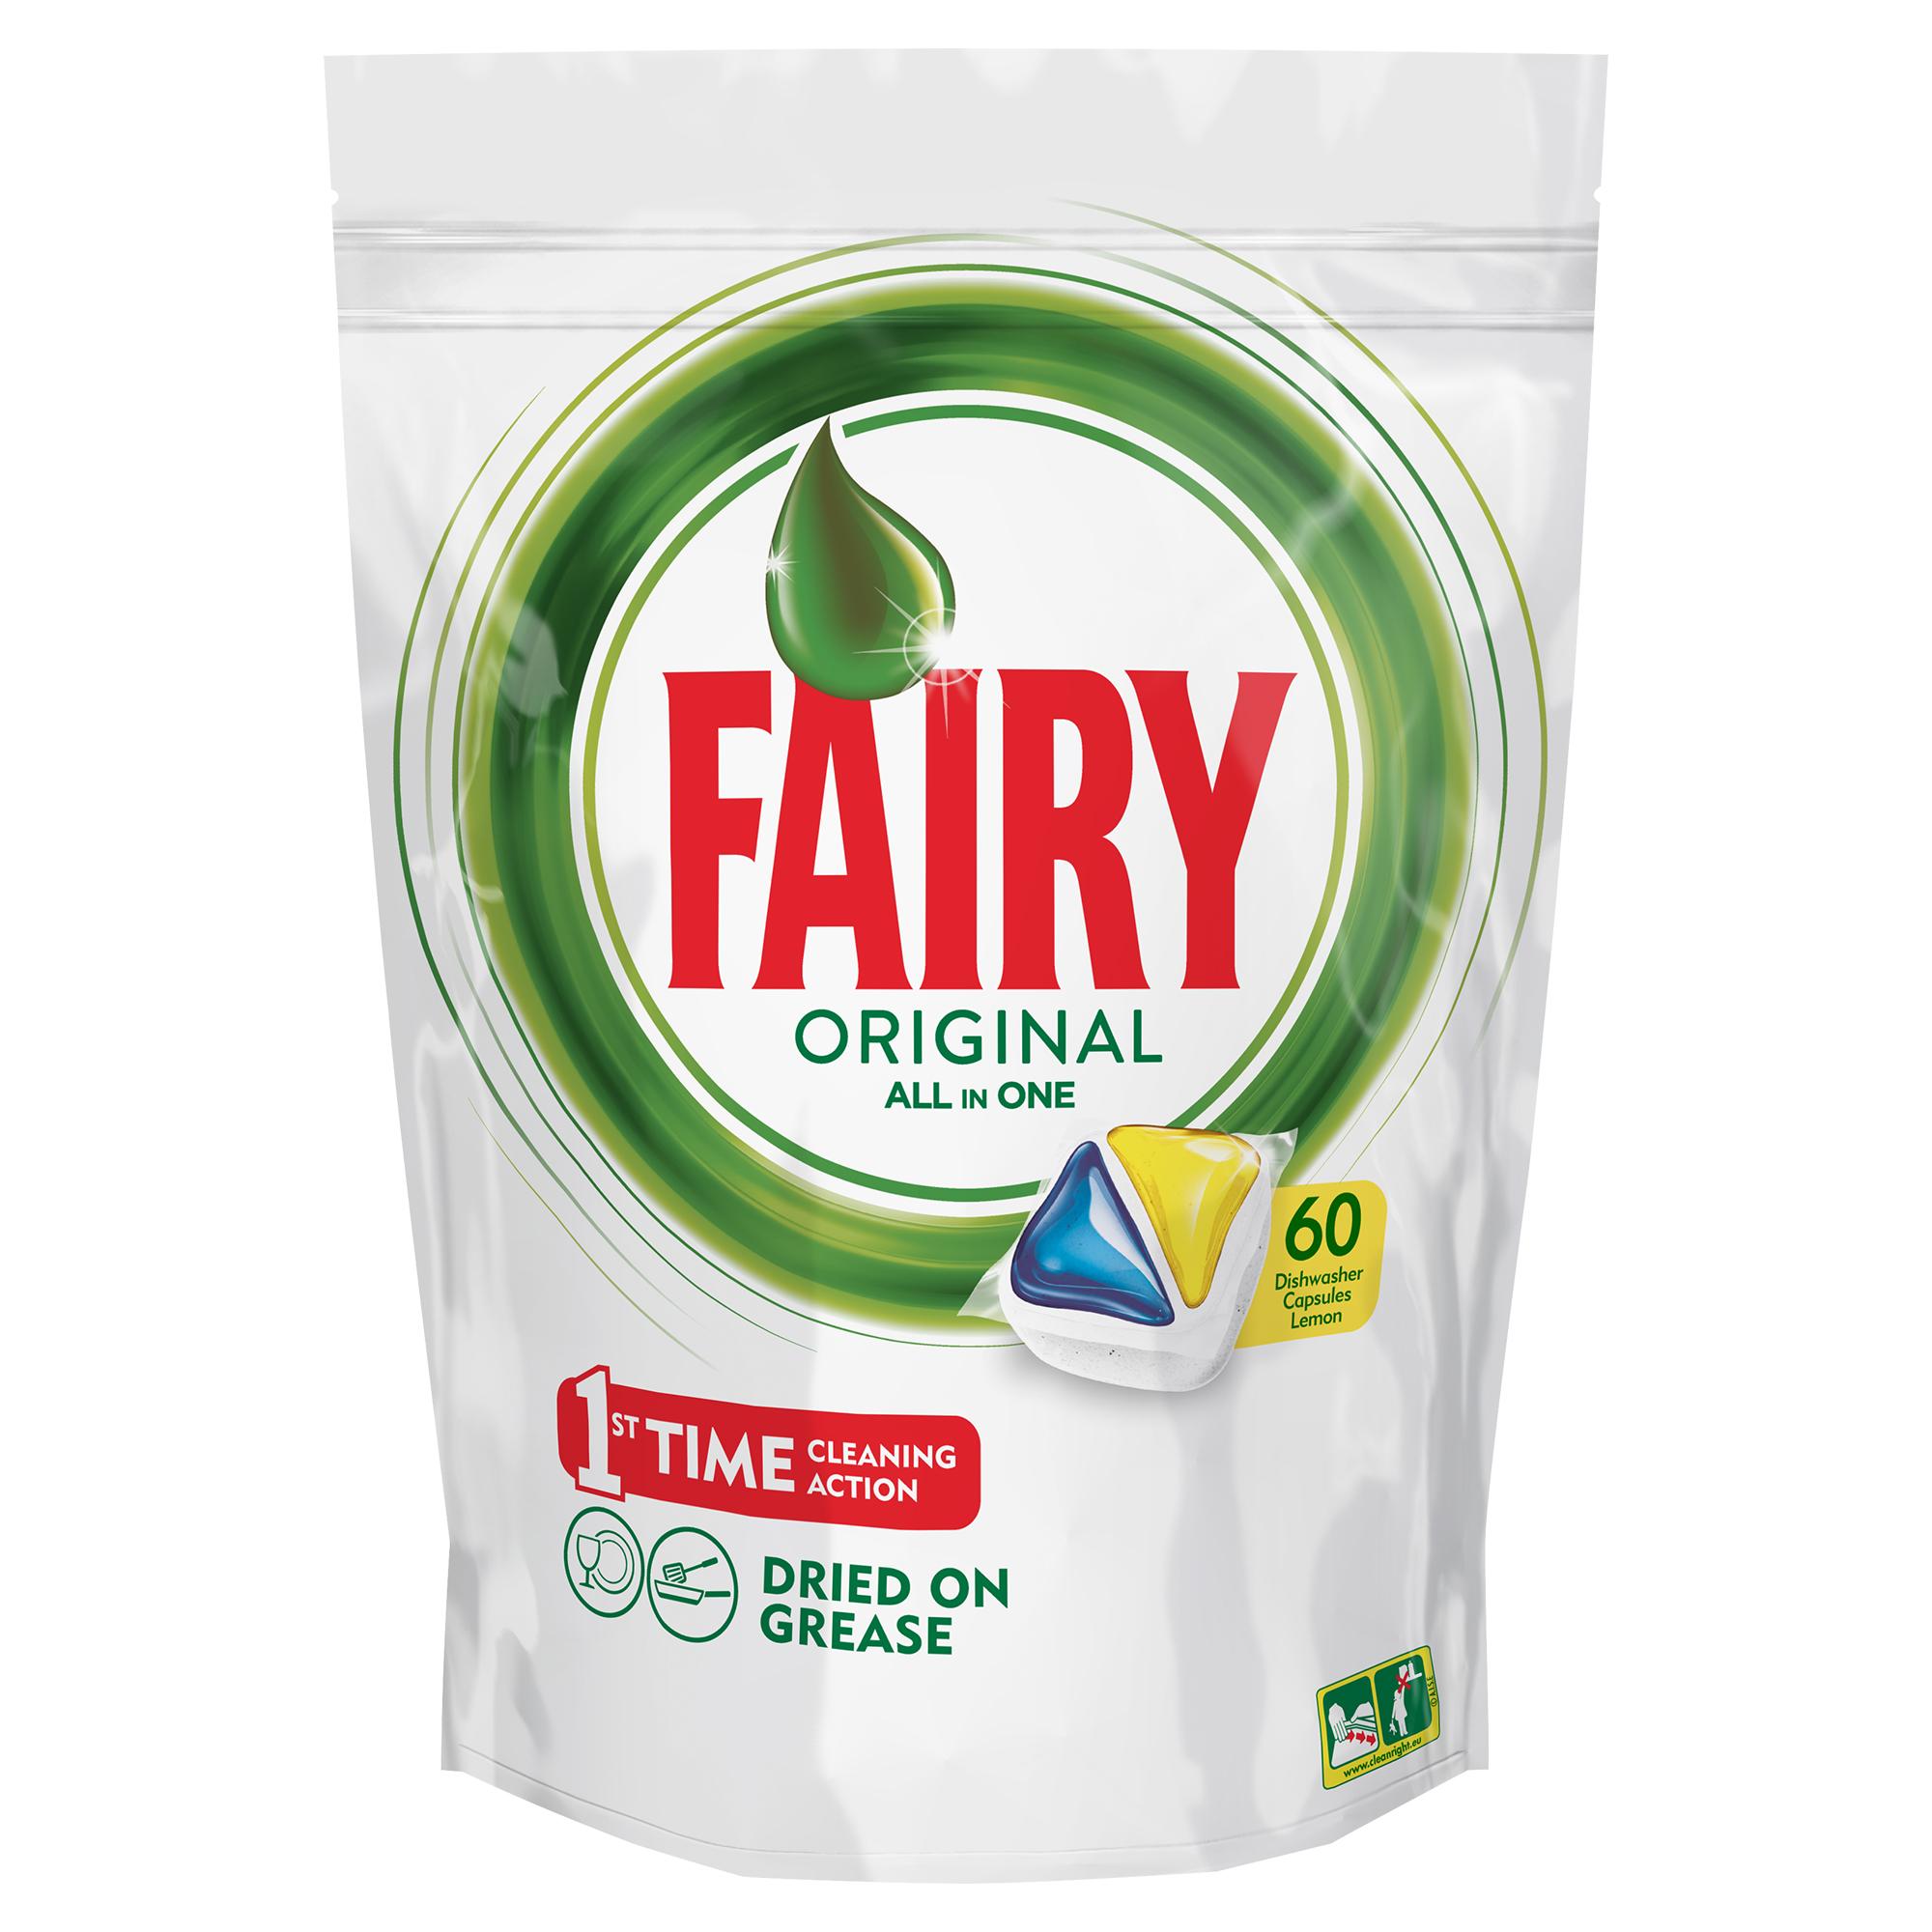 Капсулы для посудомоечной машины Fairy Original All In One. Лимон, 60 шт391602Капсулы для посудомоечной машины Fairy Original All in One идеально отмывают посуду со сложными загрязнениями с 1-го раза. Fairy Original содержит гель и порошок в одной капсуле. Капсула растворяется гораздо быстрее, чем другие таблетки для посудомоечной машины, и поэтому начинает действовать немедленно. Кроме того, капсулы Fairy очень просты в использовании – просто поместите их в посудомоечную машину (не нужно распаковывать). Сила Fairy теперь и для посудомоечных машин! Идеально чистая посуда с 1-го раза. Справляется с засохшей и пригоревшей грязью. Капсулы для посудомоечной машины Fairy Original All in One Очистит даже самые сложные загрязнения. С функцией супер-сияния посуды. С добавлением соли и ополаскивателя, а так же с защитой стекла и серебра. Сохраняет приятный запах в посудомоечной машине С жидким моющим средством для борьбы со сложным жиром. Произведено и протестировано для использования во всех посудомоечных машинах. Готовы к использованию. Не нужно разворачивать. 1 капсула = 1 загрузка. Поместите капсулу в отсек для моющего средства и сразу закройте. Брать капсулу только сухими руками. Не разворачивайте и не прокалывайте капсулу. Закрывайте пакет после каждого использования.